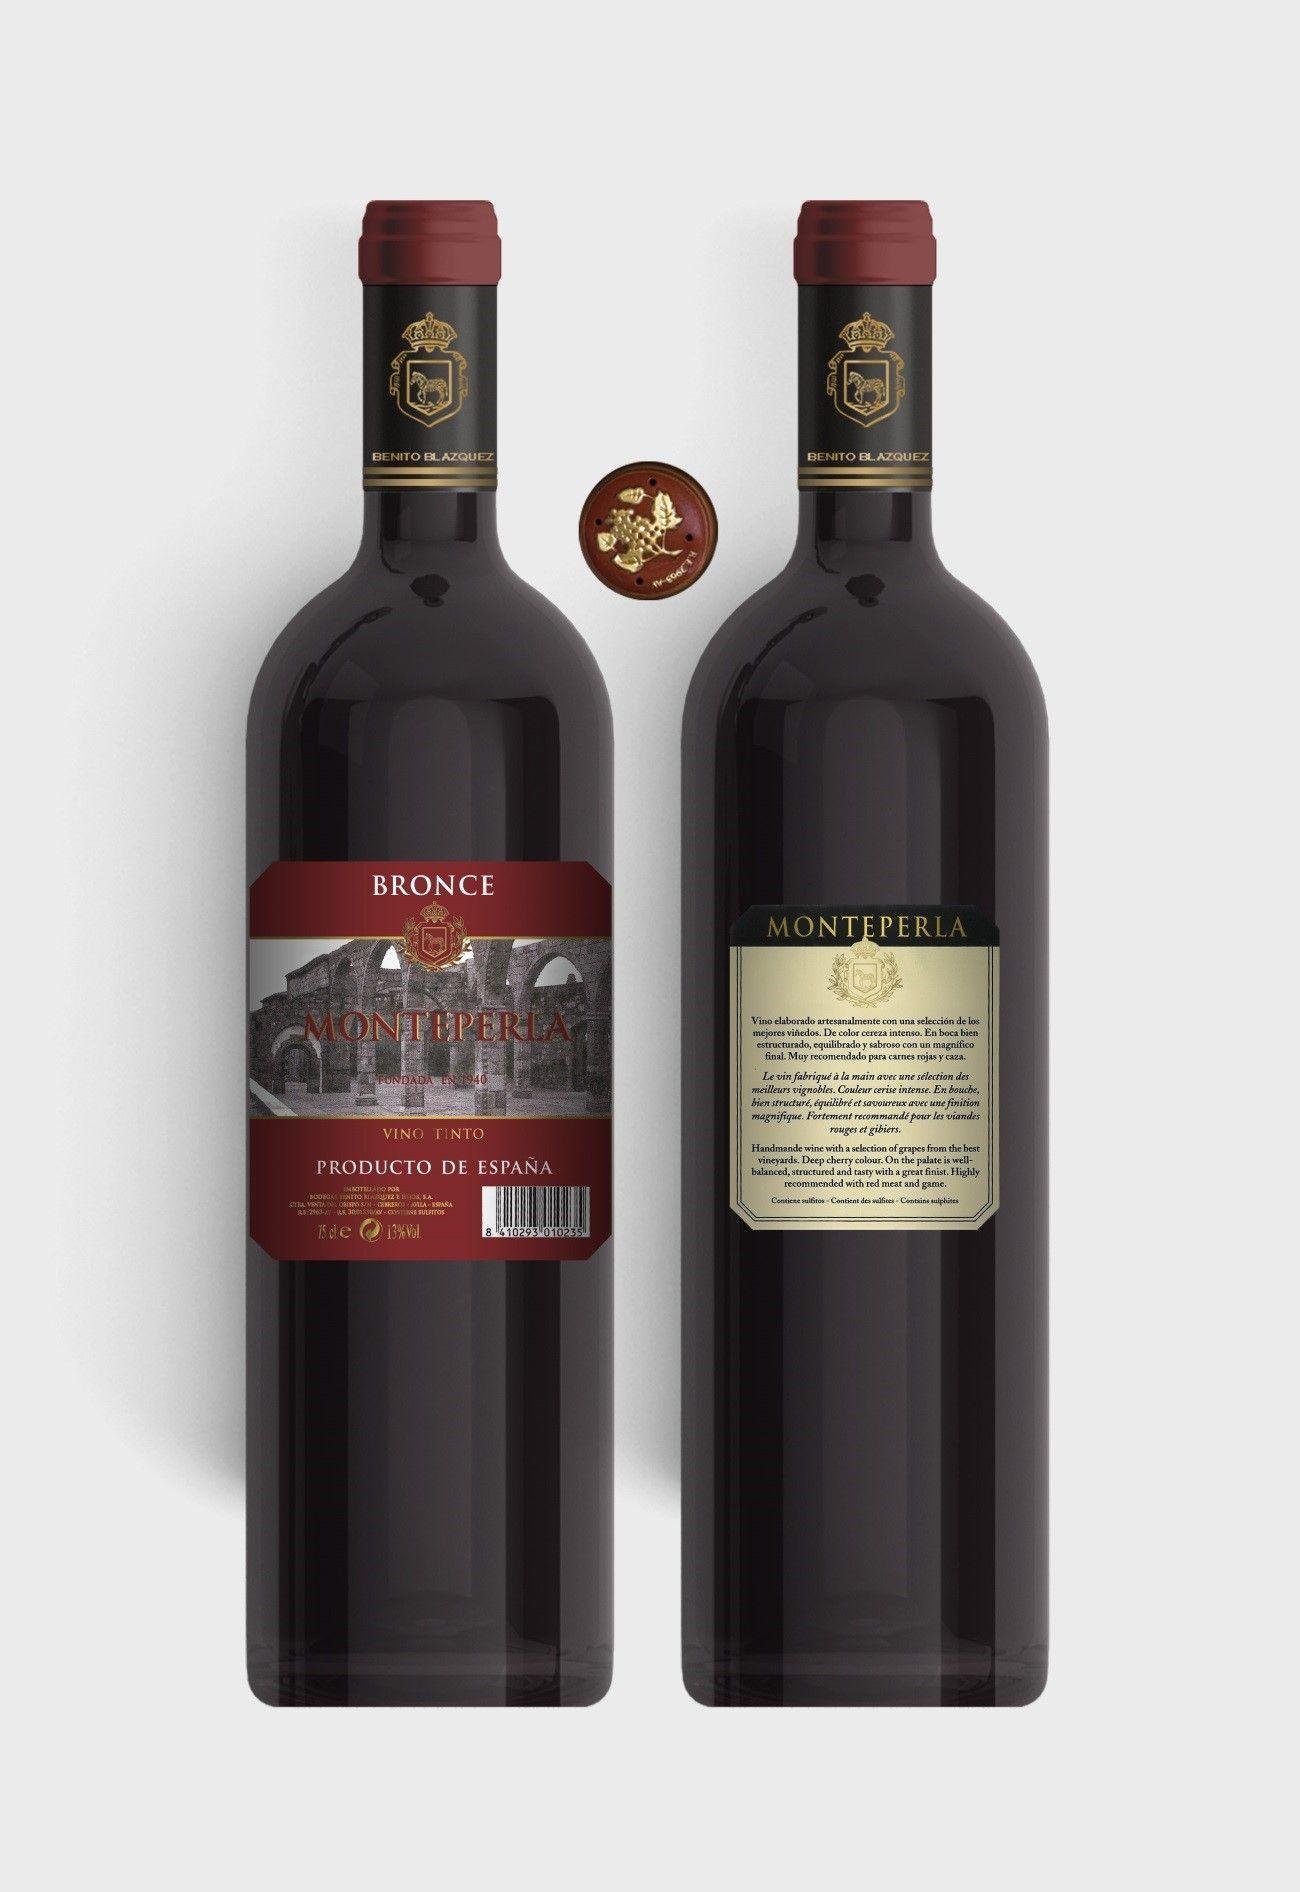 Benito Blázquez - Botella de Vino Tinto Monteperlado Bronce